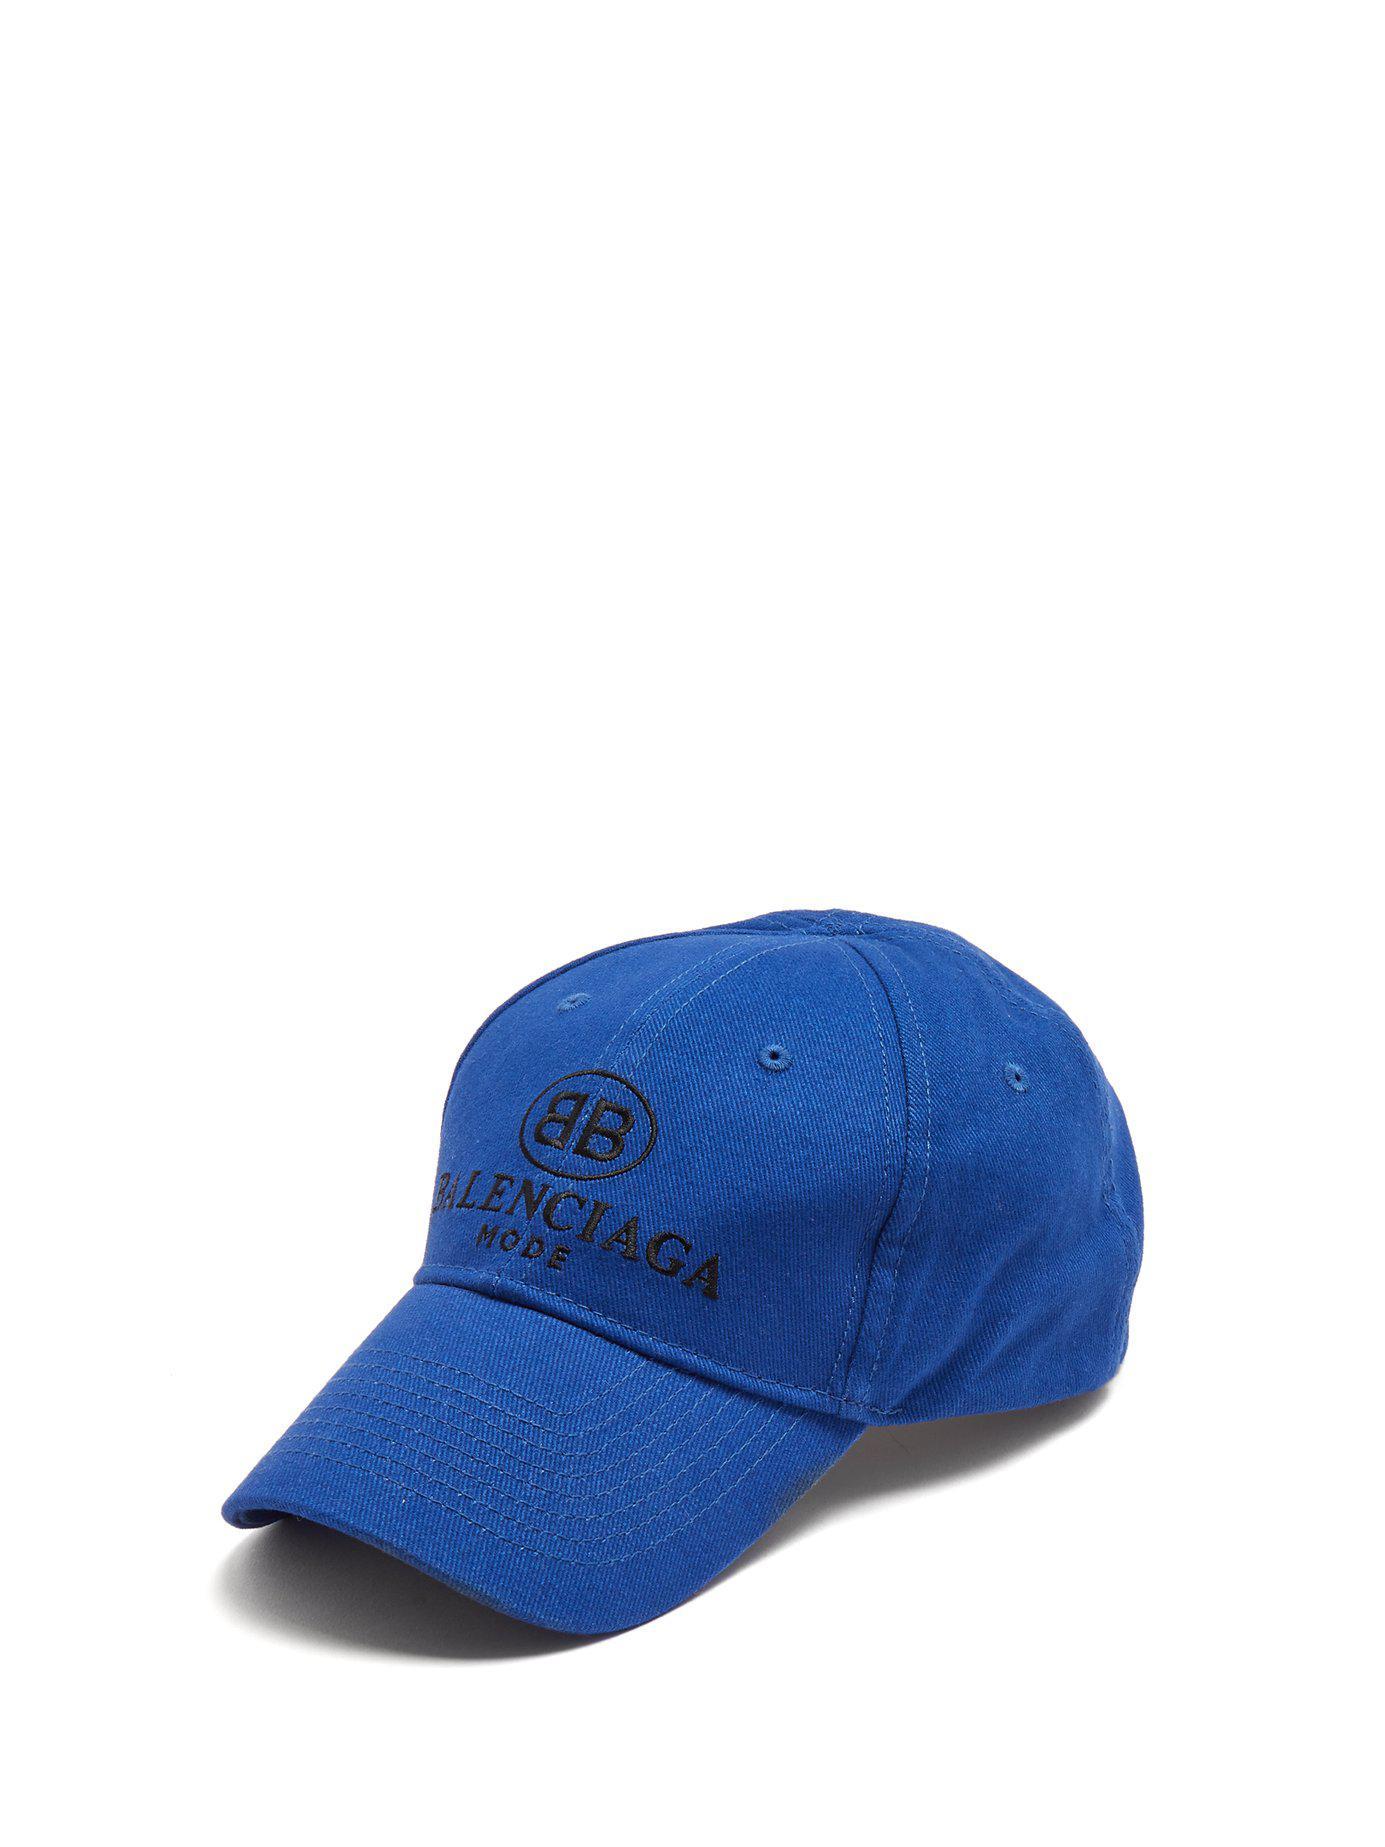 Lyst - Balenciaga Logo Embroidered Cotton Cap in Blue for Men - Save 23% e56ffe5a0bd8